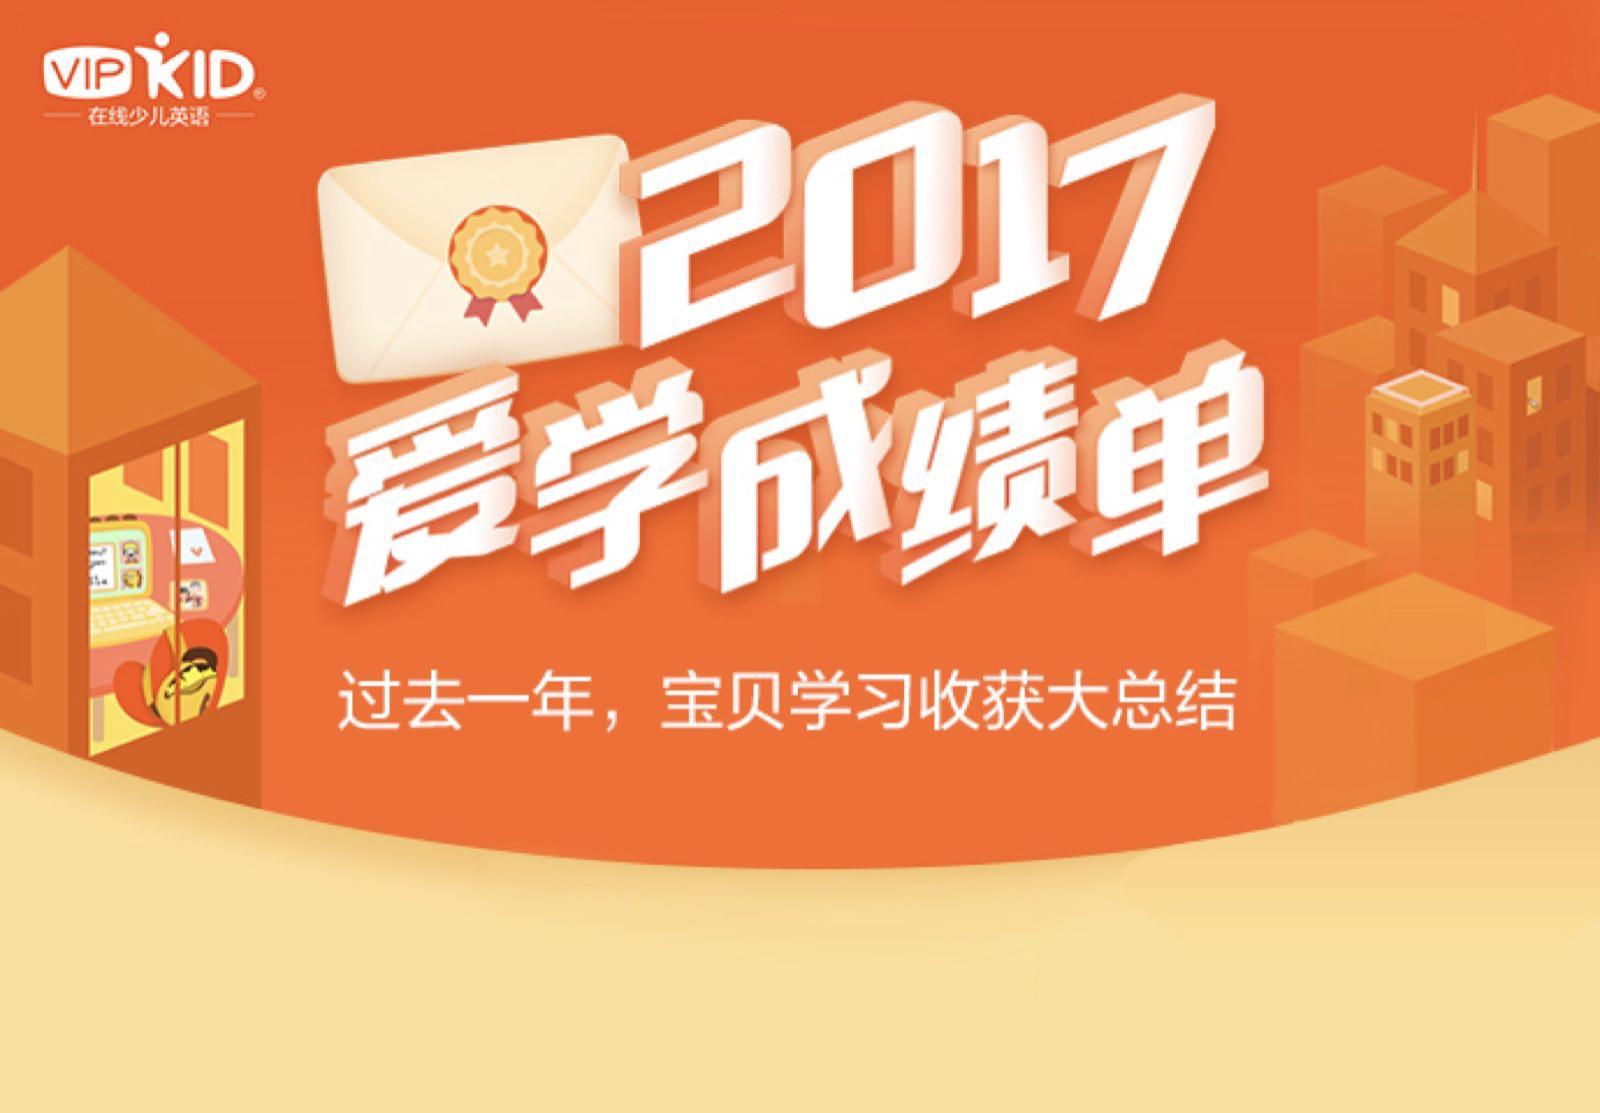 VIPKID发布《2017年爱学成绩单》 记录小学员